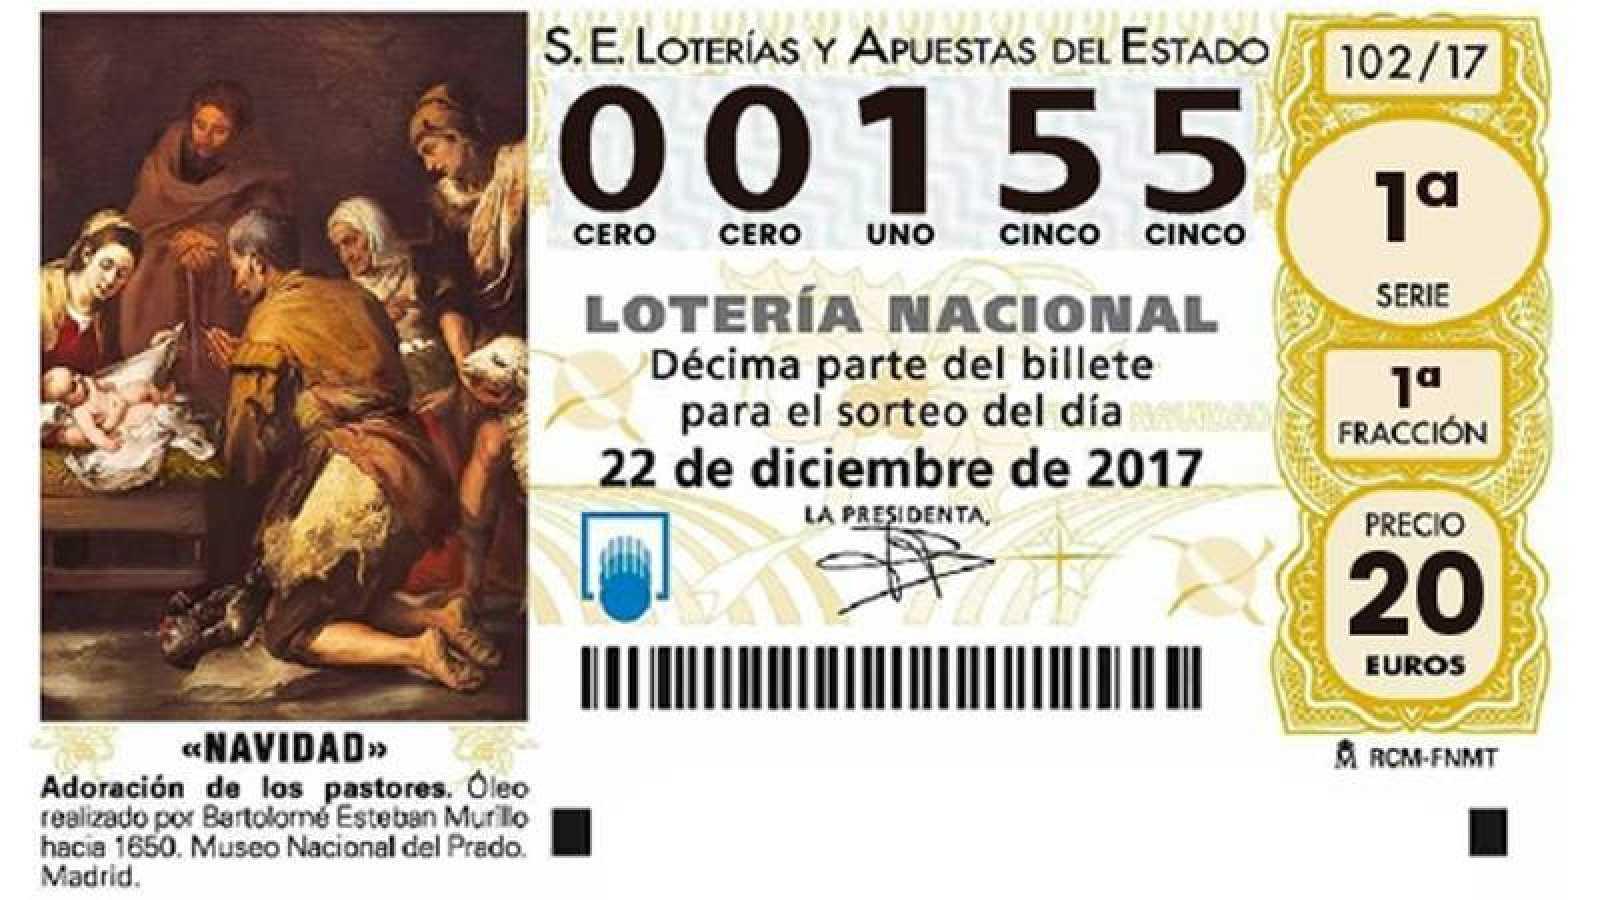 Imagenes Loteria Navidad.Loteria De Navidad 2017 El Desafio Independentista En